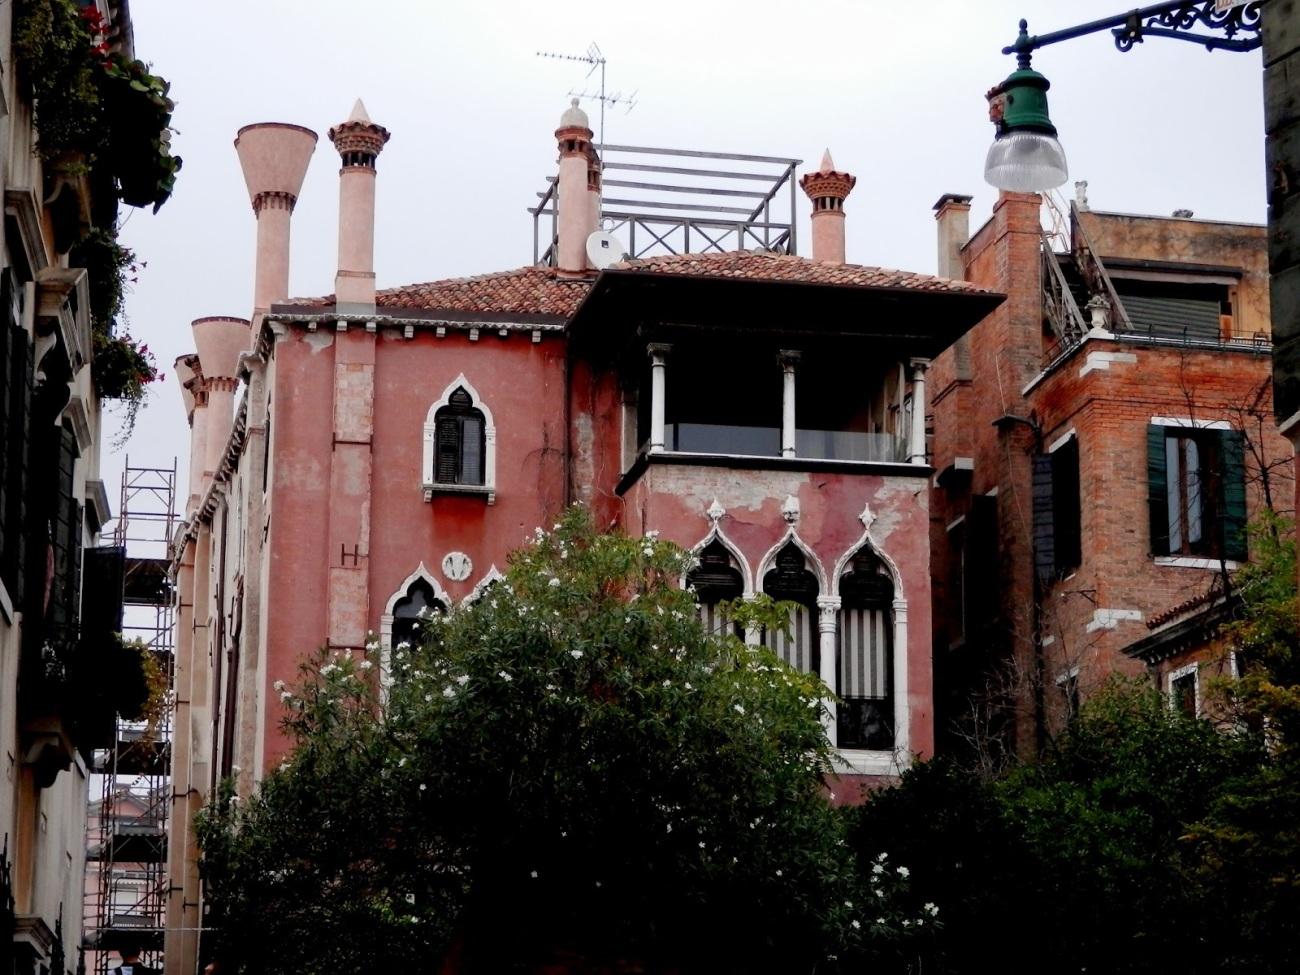 Palazzo Dario Venecia